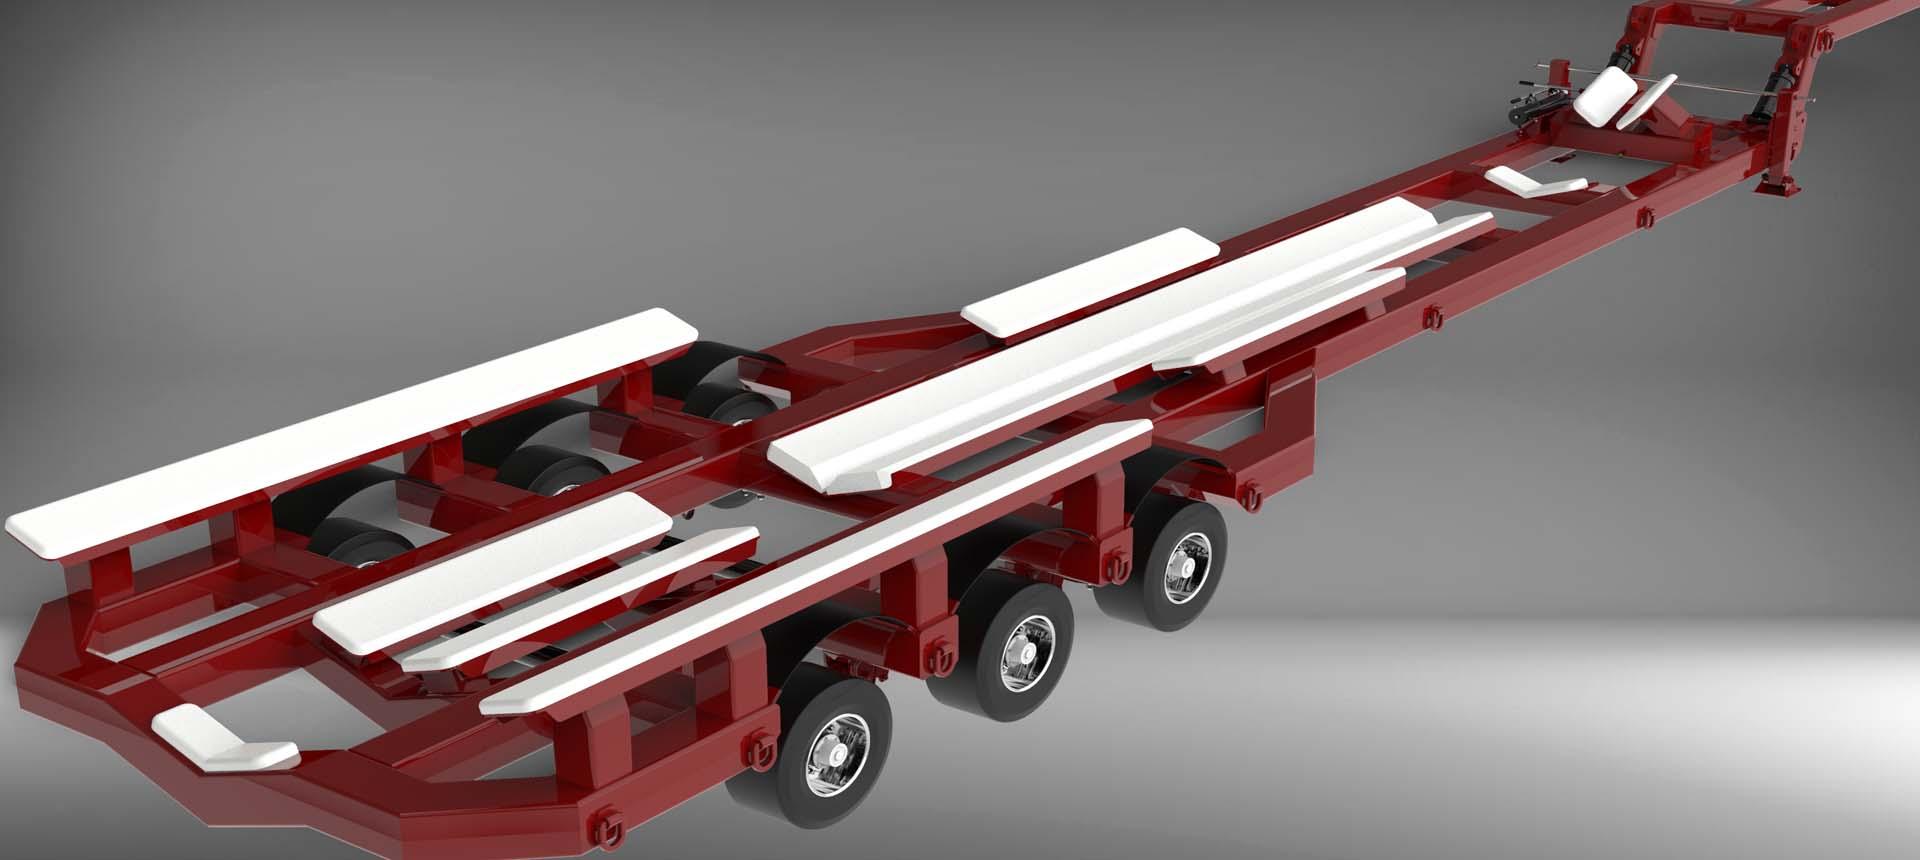 Berryer Design Industrial Automotive Trailer